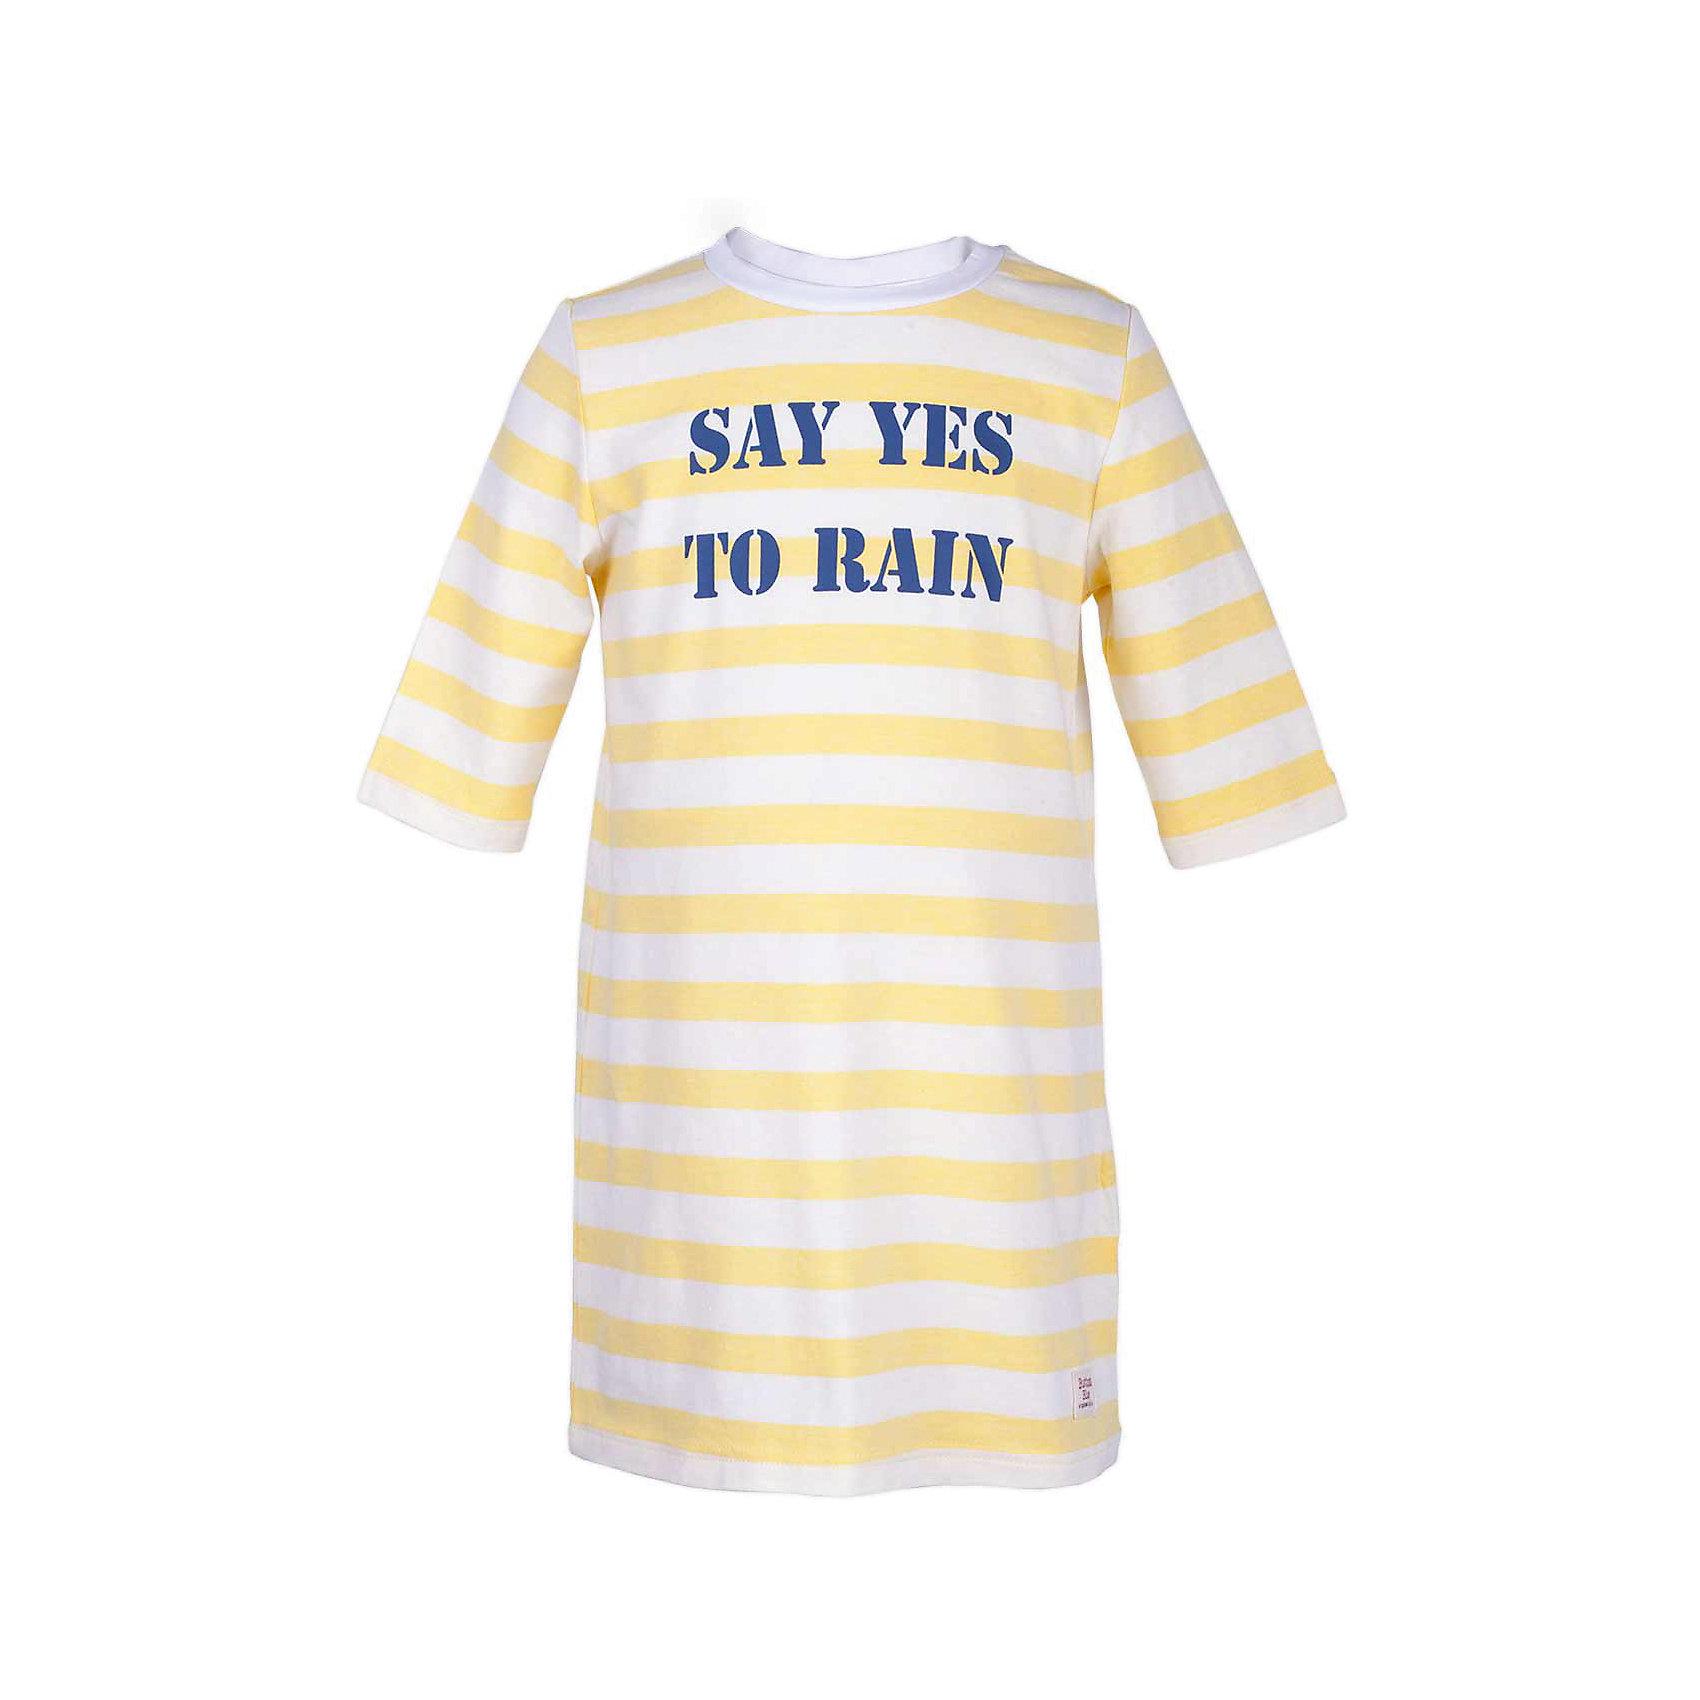 Платье для девочки  BUTTON BLUEПлатья и сарафаны<br>Платье для девочки  BUTTON BLUE<br>Хит прогулочного летнего гардероба, полосатое трикотажное платье, выглядит отлично! Модная трапециевидная форма, динамичный рисунок, рукав 3/4, симпатичный шрифтовой принт делают платье идеальным решением на каждый день. Купить детское трикотажное платье от Button Blue, значит, позаботиться о комфорте и прекрасном внешнем виде своего ребенка.<br>Состав:<br>95% хлопок 5% эластан<br><br>Ширина мм: 236<br>Глубина мм: 16<br>Высота мм: 184<br>Вес г: 177<br>Цвет: желтый<br>Возраст от месяцев: 60<br>Возраст до месяцев: 72<br>Пол: Женский<br>Возраст: Детский<br>Размер: 116,110,104,98,158,152,146,140,134,128,122<br>SKU: 5523449